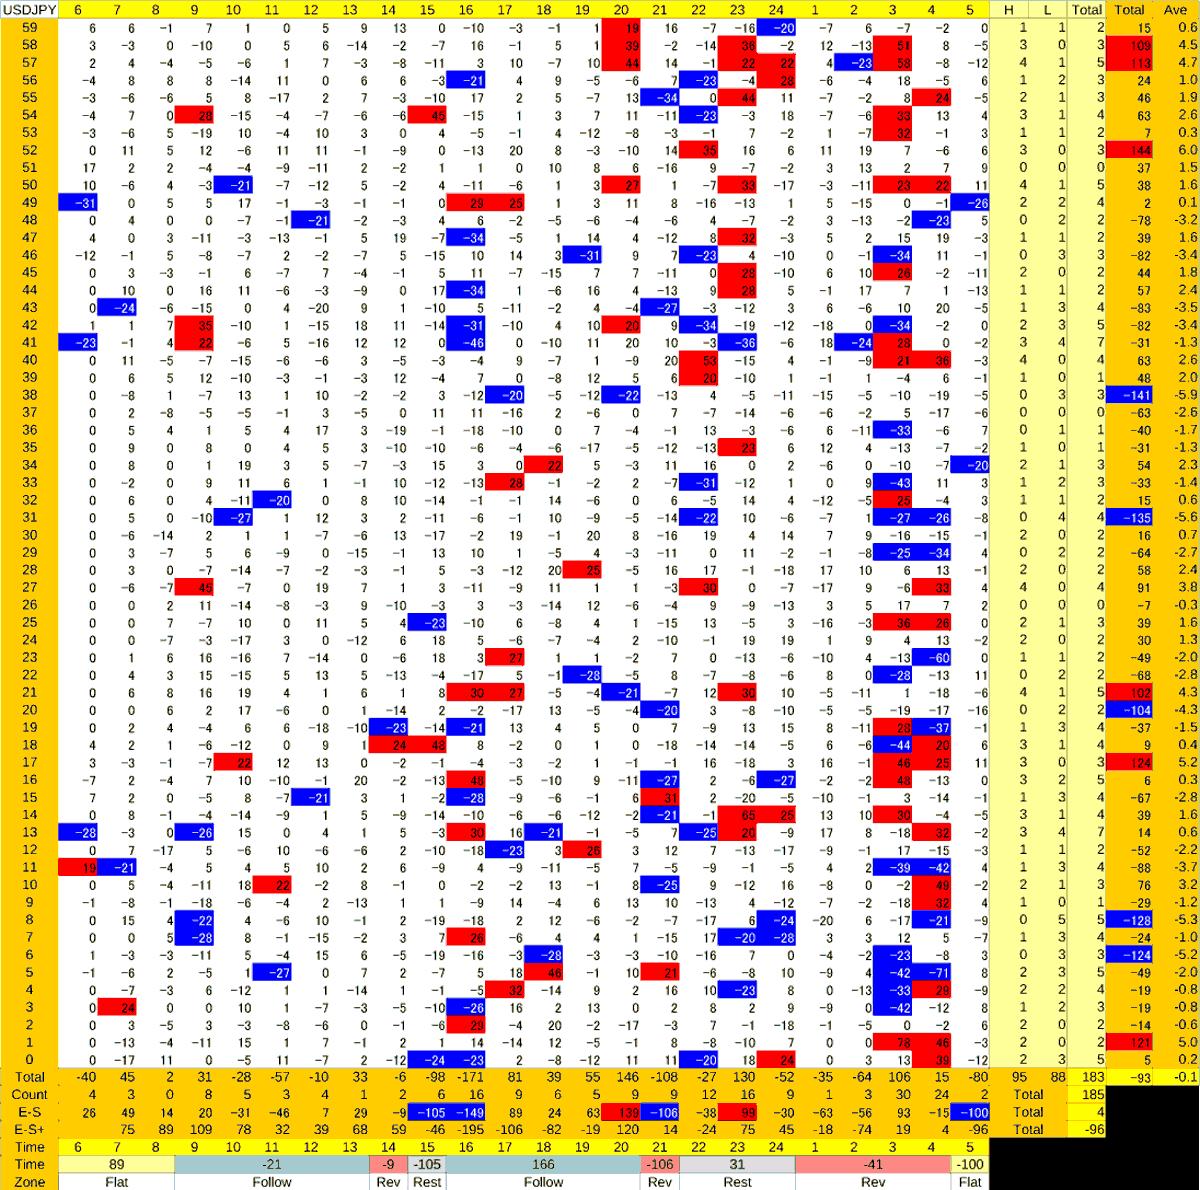 20200729_HS(1)USDJPY